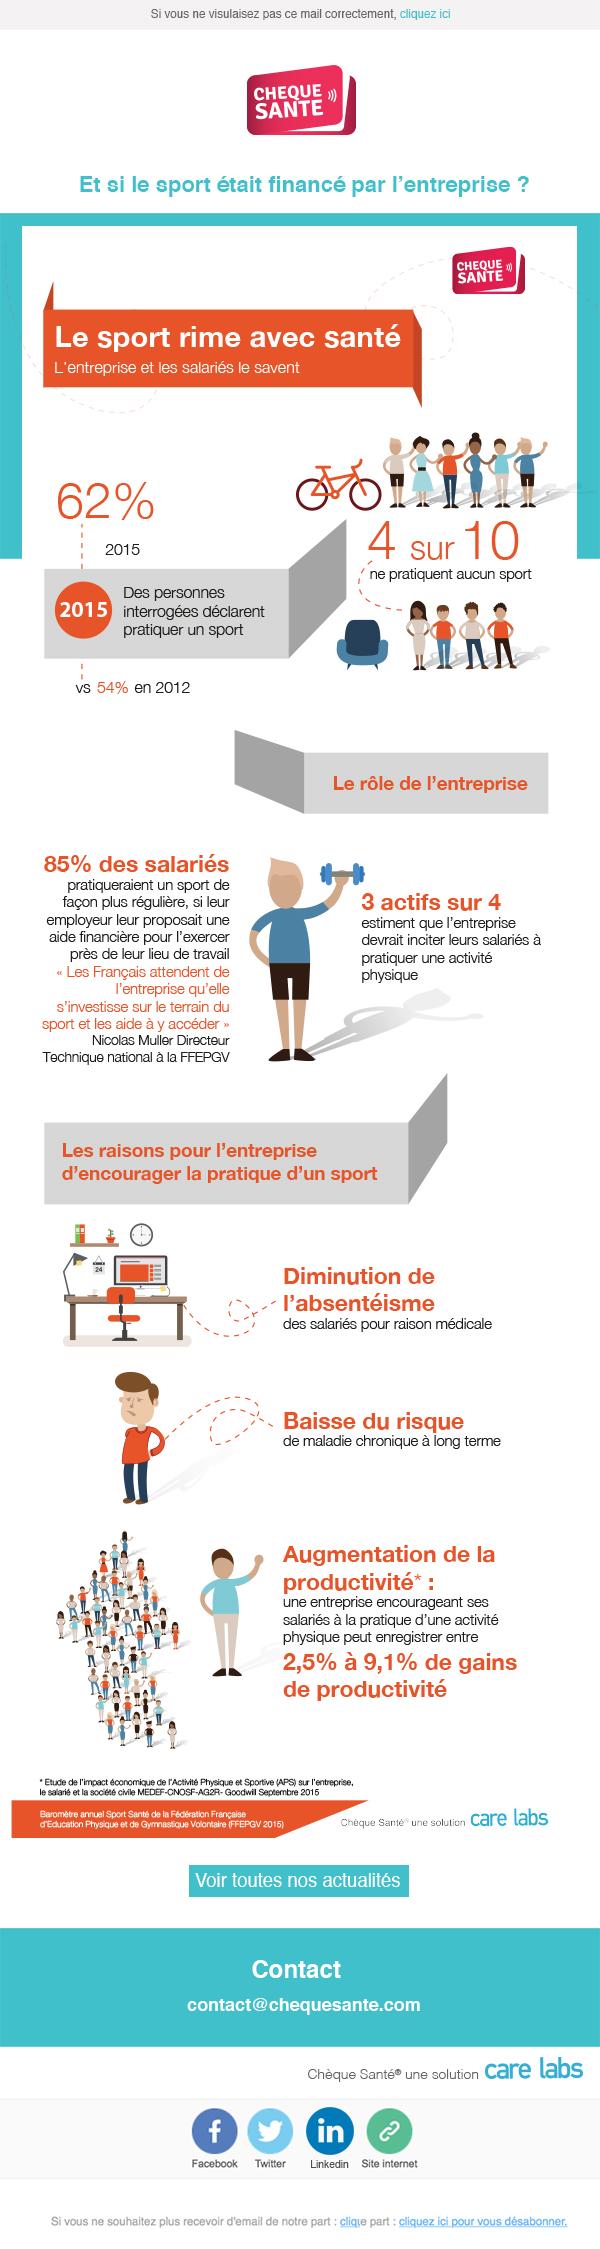 infographie - Le sport rime avec santé - l'entreprise et les salariés le savent